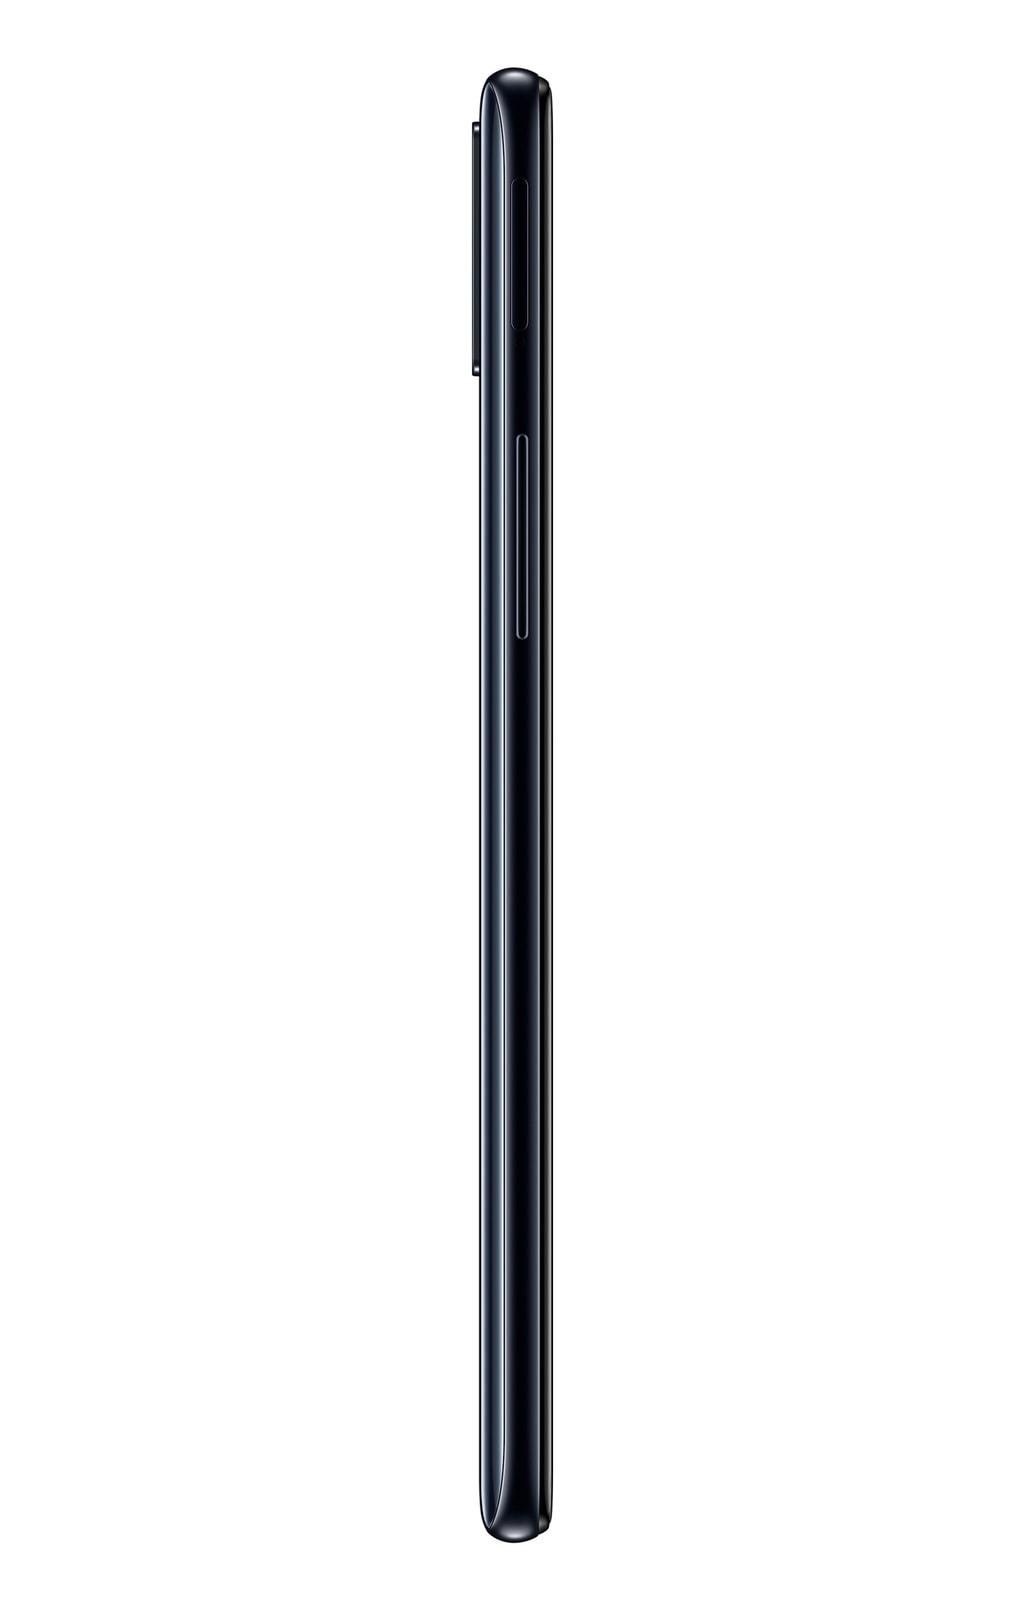 Samsung_Galaxy-A20s_SM-A207F_Black_270_CMYK